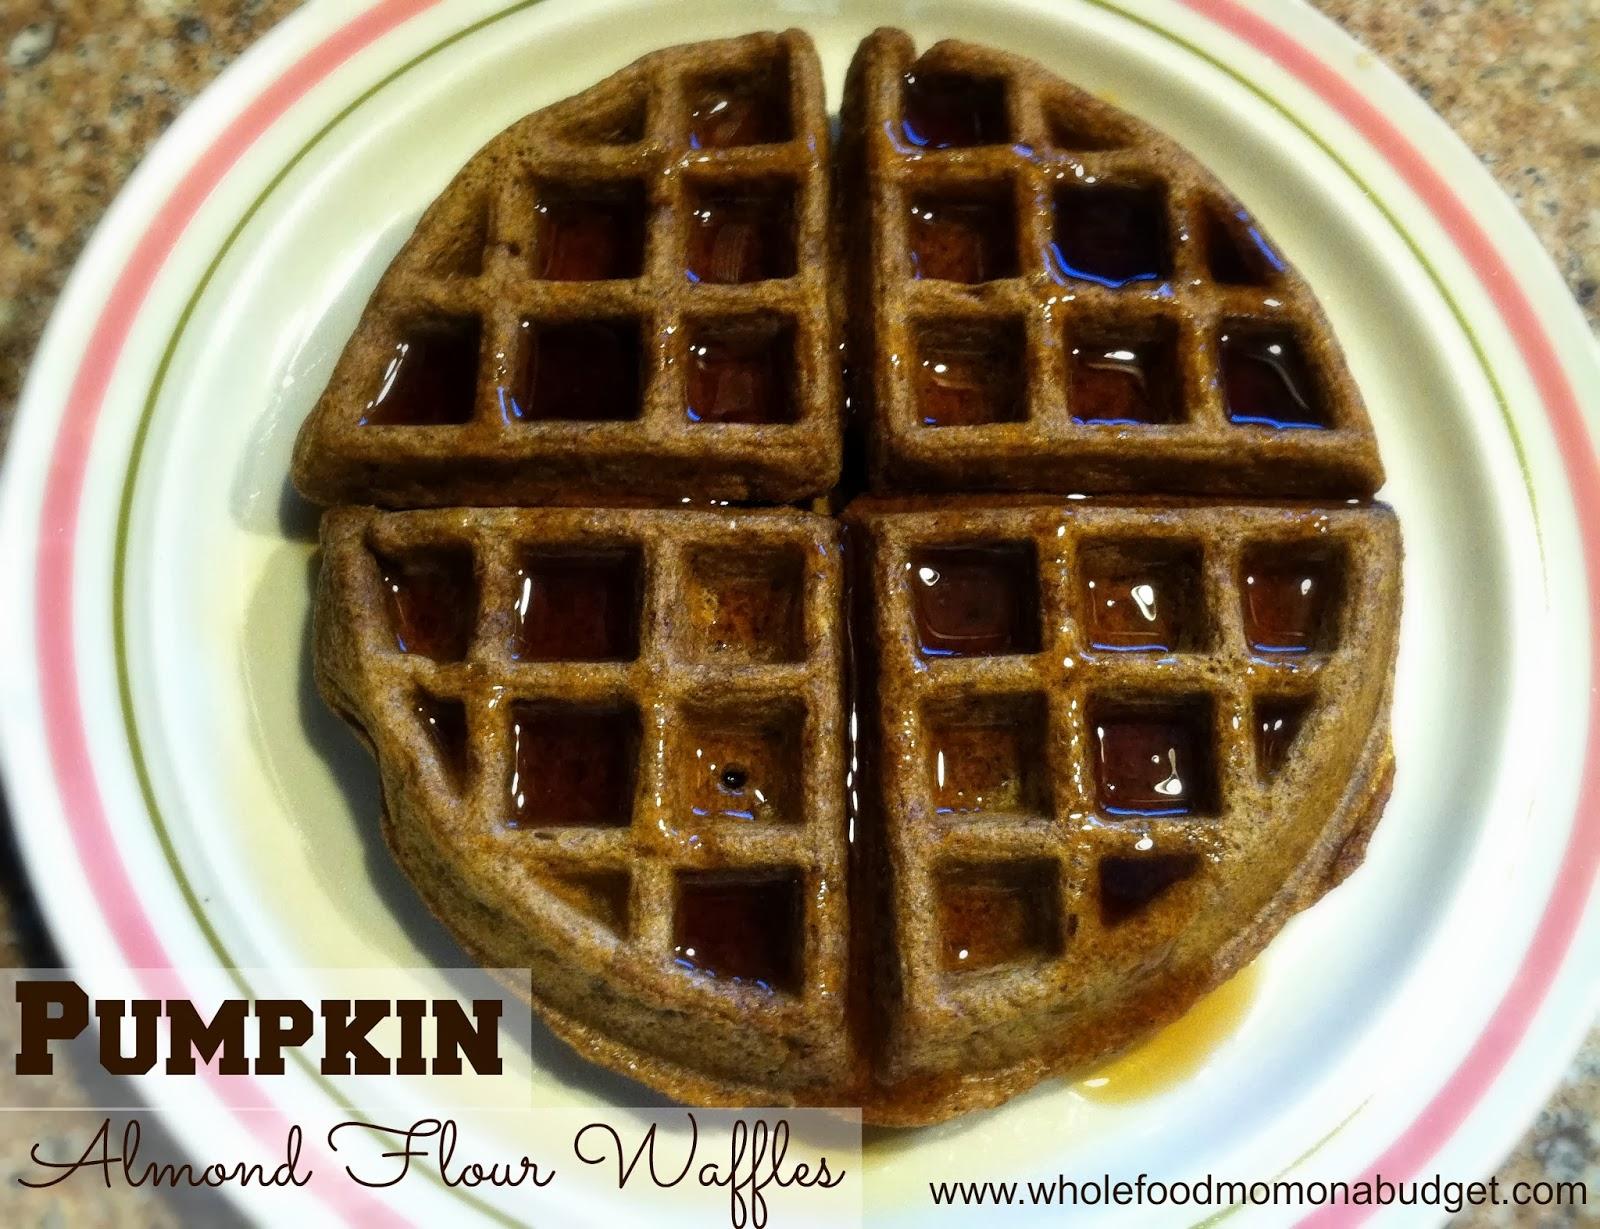 Pumpkin Almond Flour Waffles